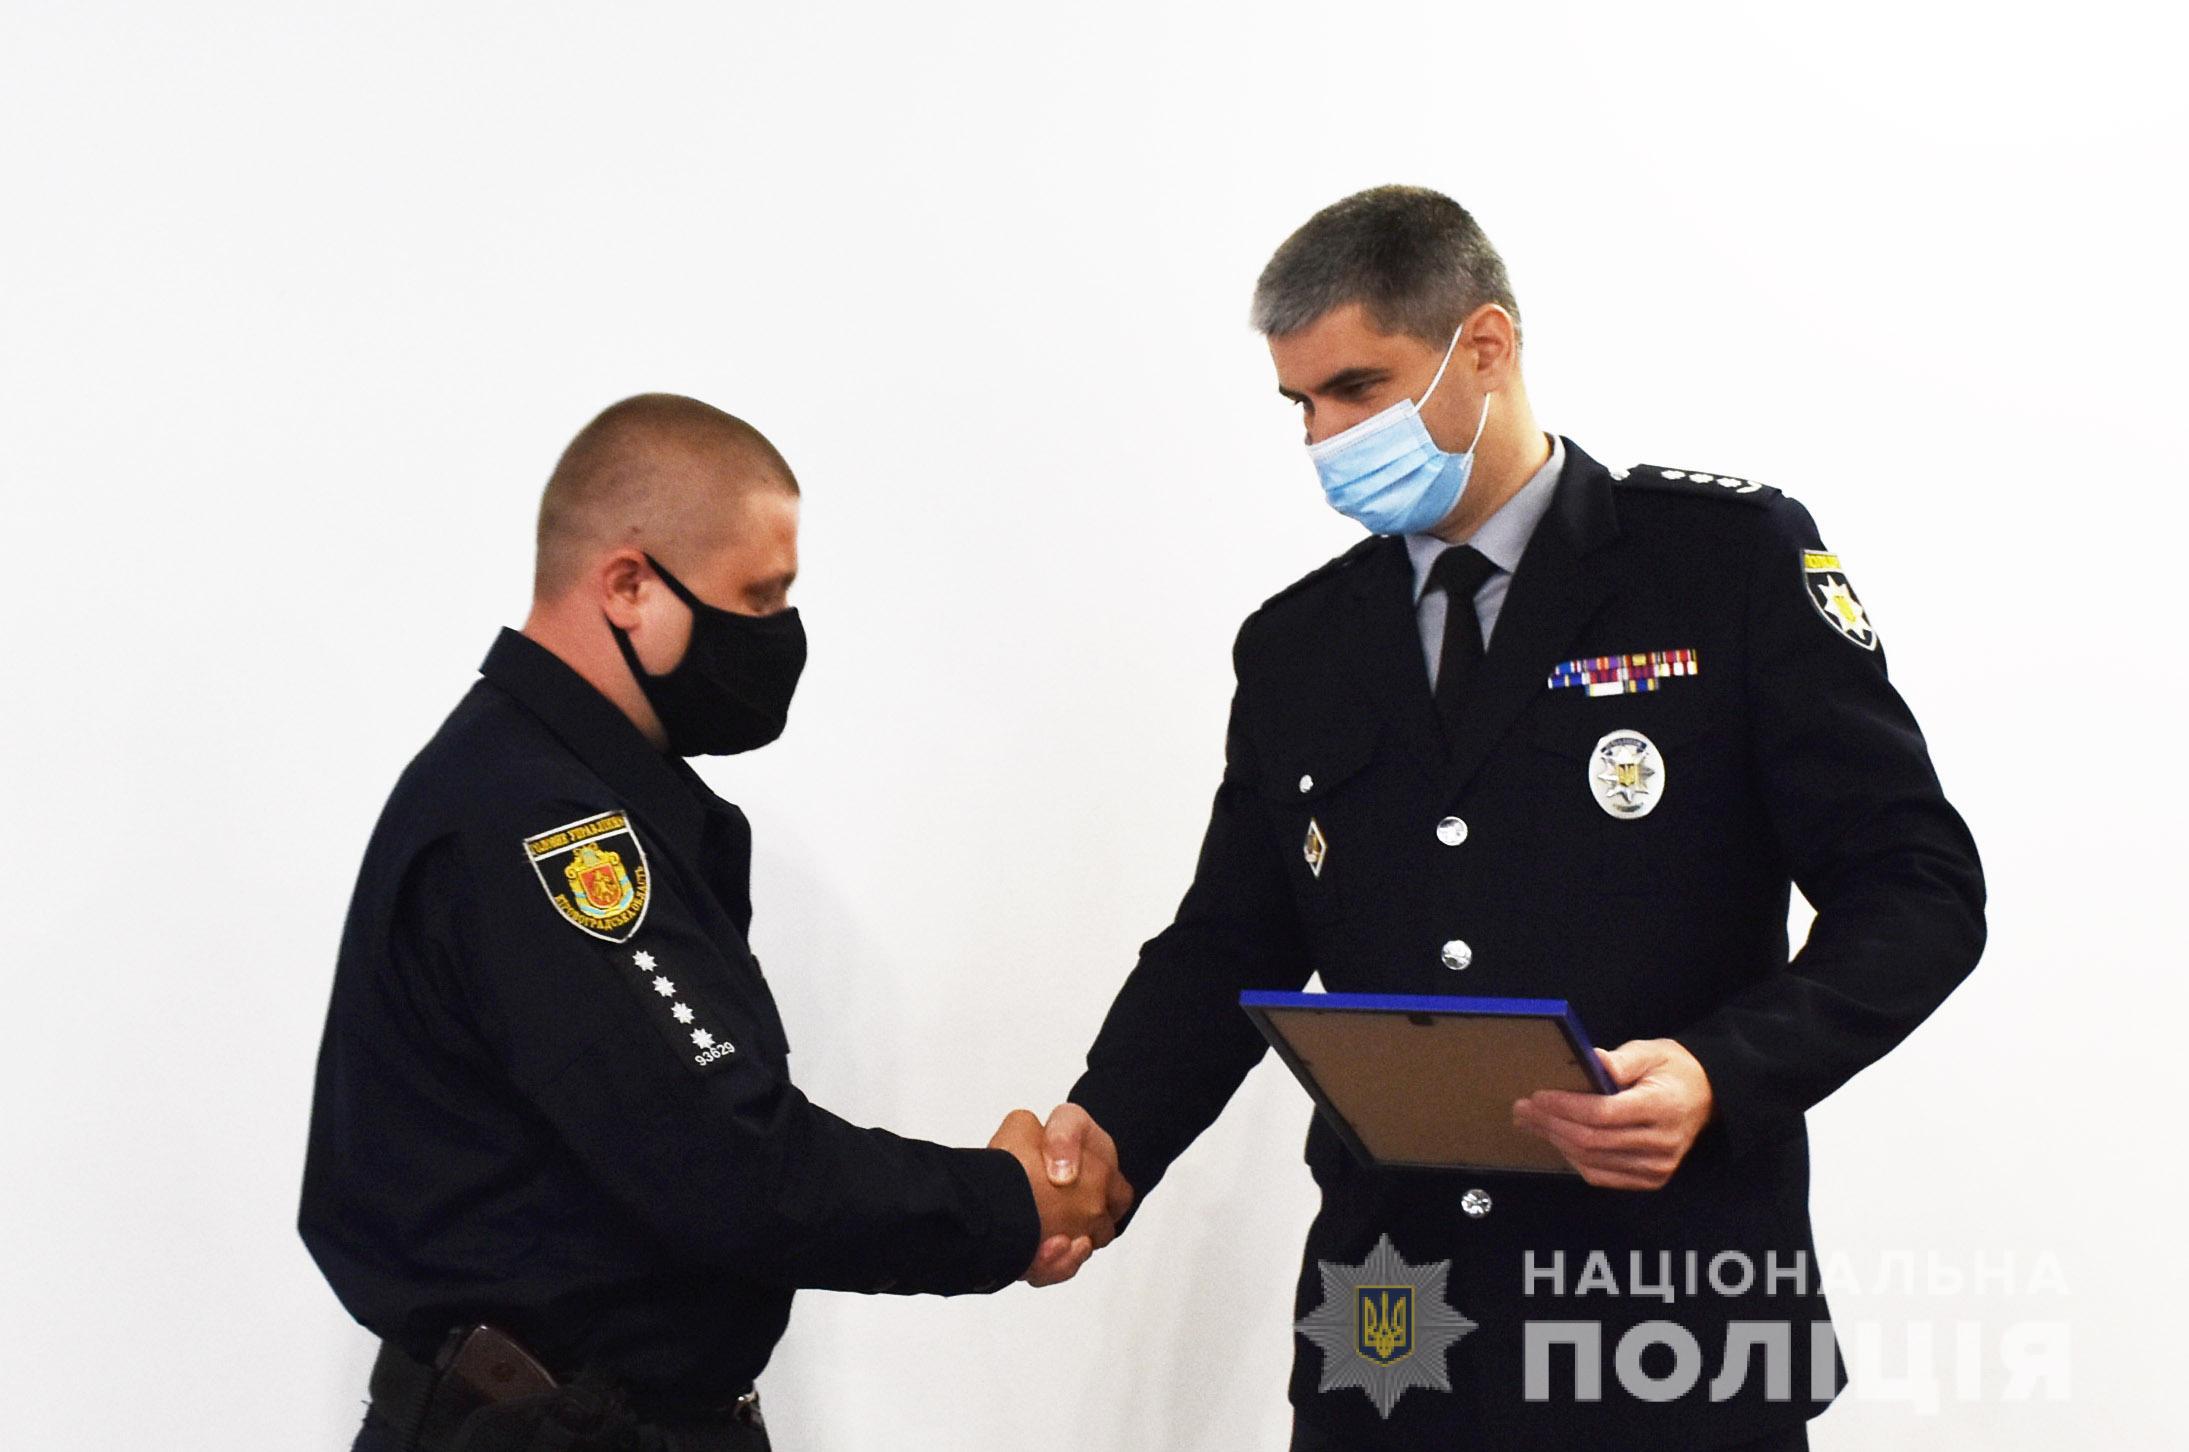 Поліцейський офіцер громади отримав заохочення Голови НПУ